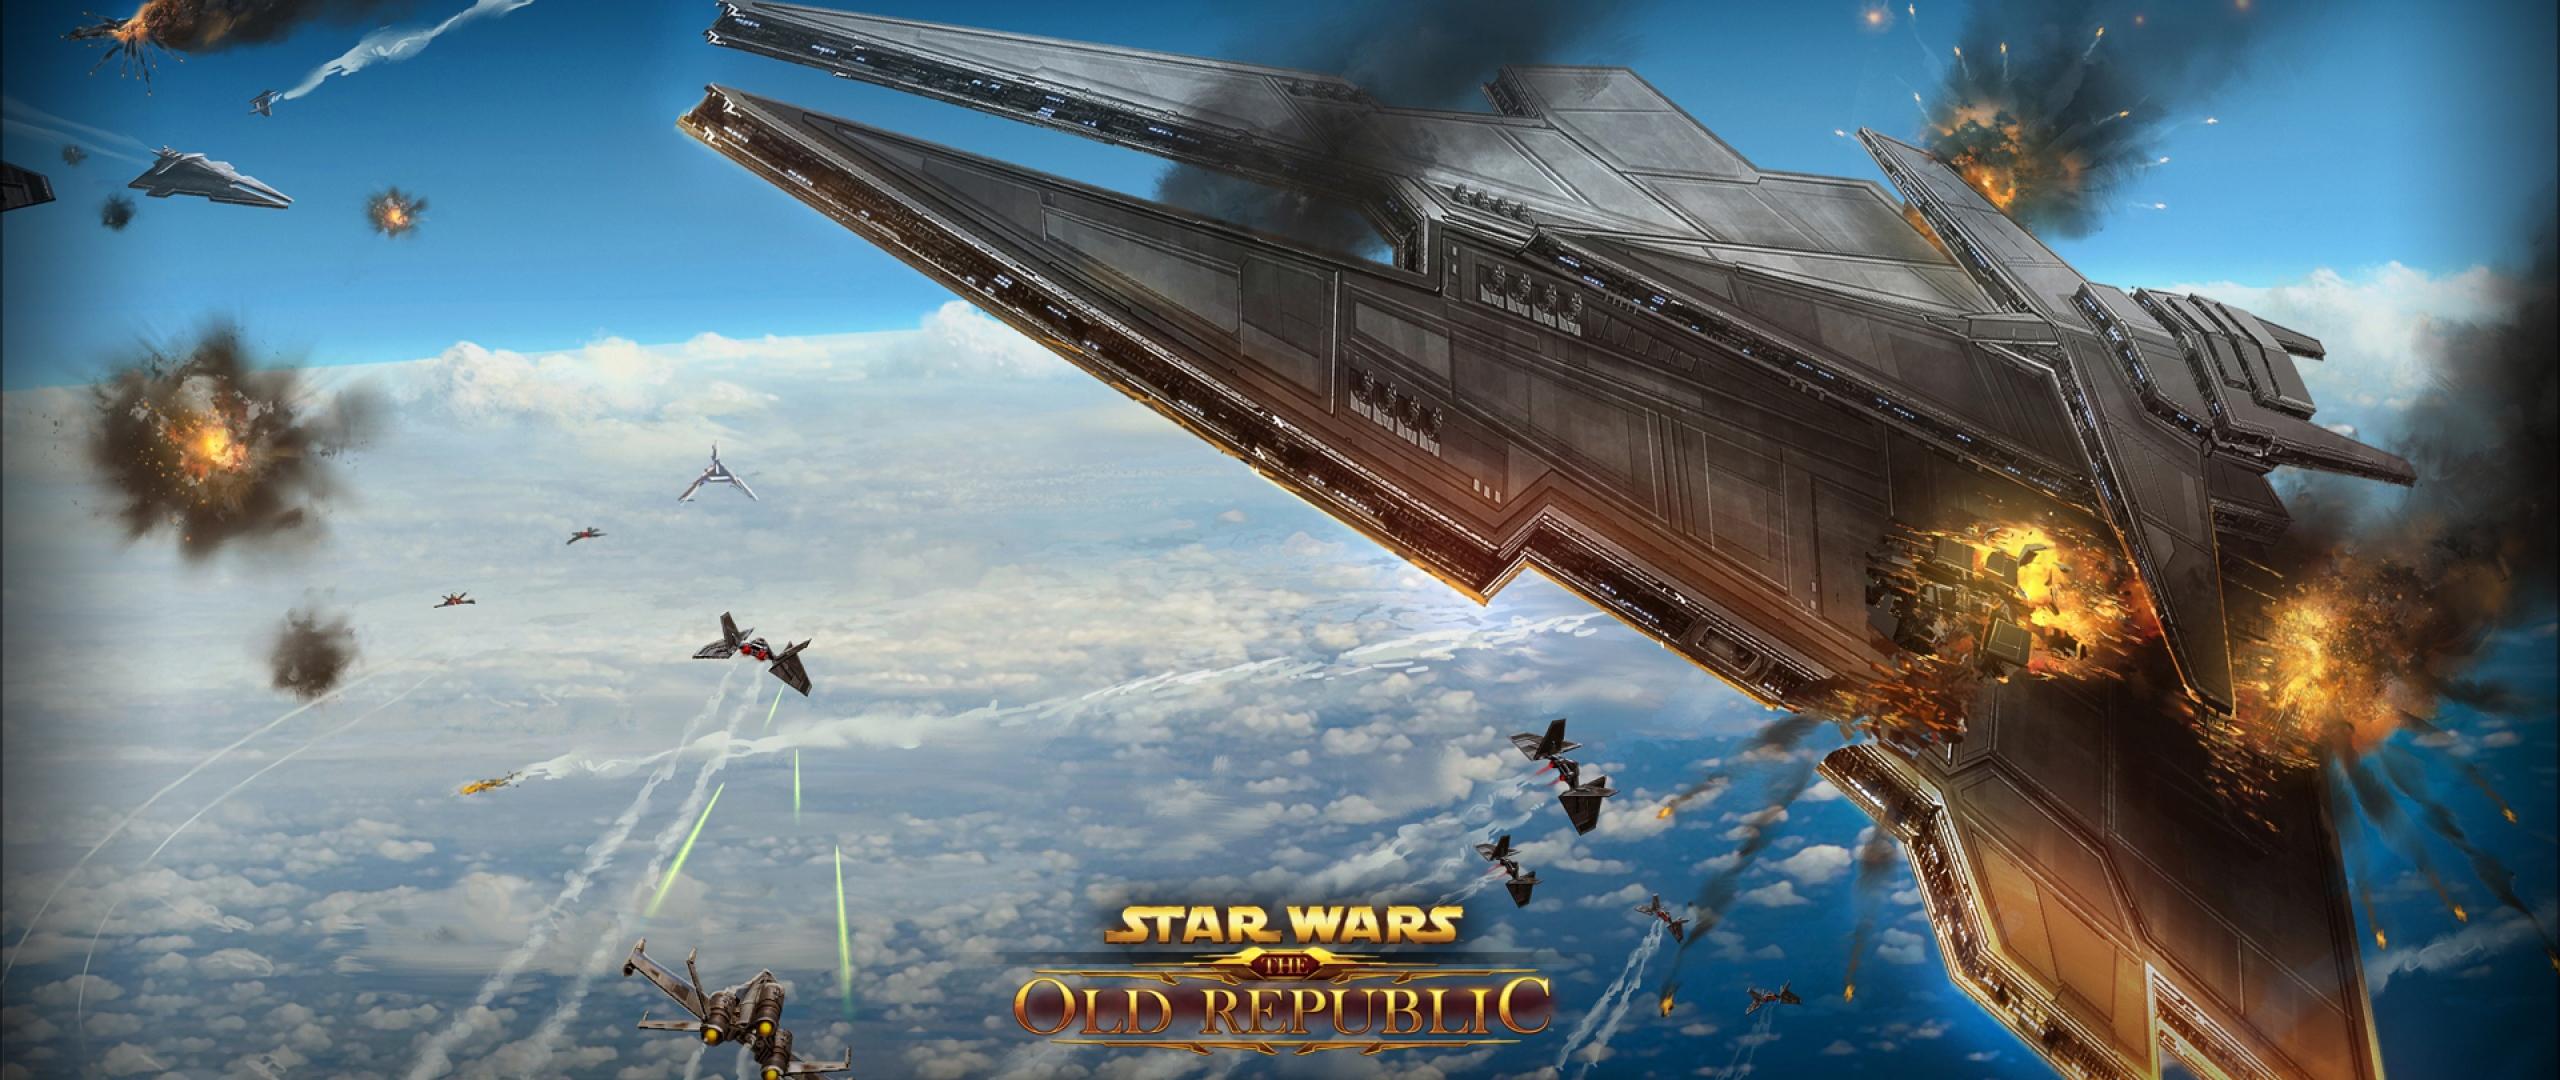 50 Star Wars 2560x1080 Wallpaper On Wallpapersafari